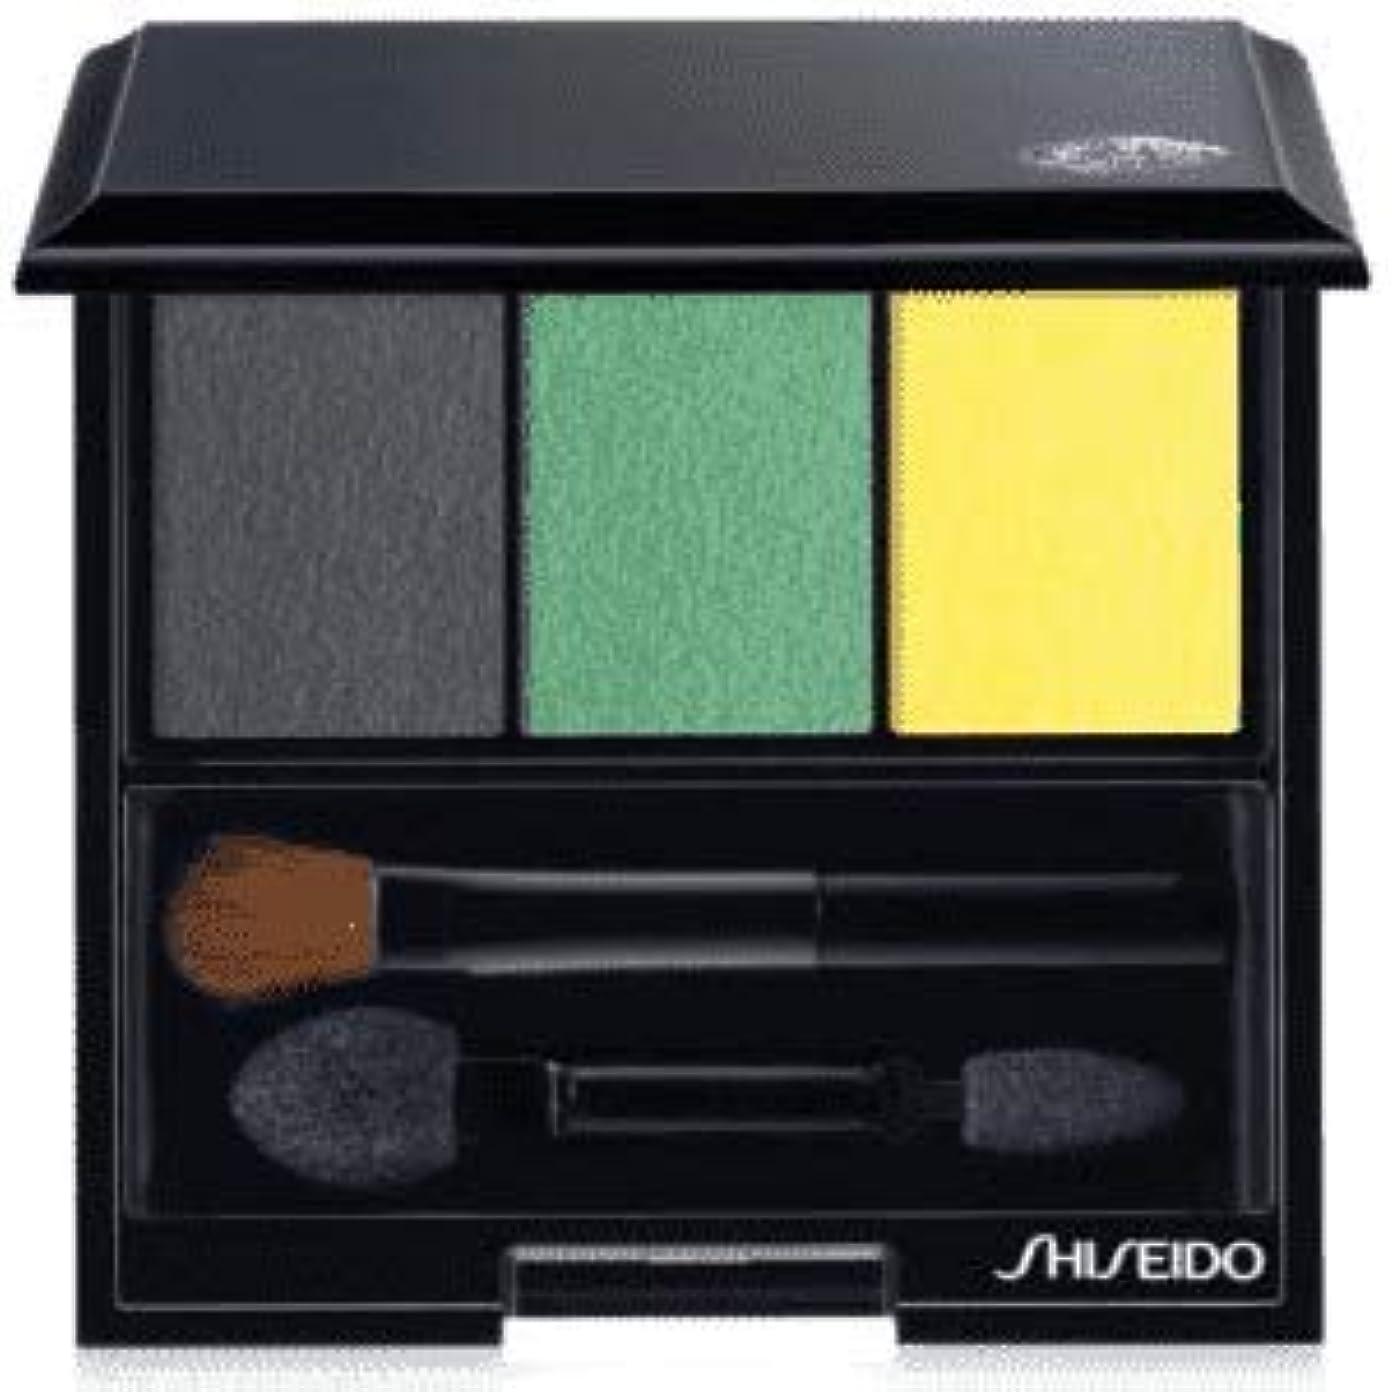 組旅客開始資生堂 ルミナイジング サテン アイカラー トリオ GR716(Shiseido Luminizing Satin Eye Color Trio GR716) [並行輸入品]